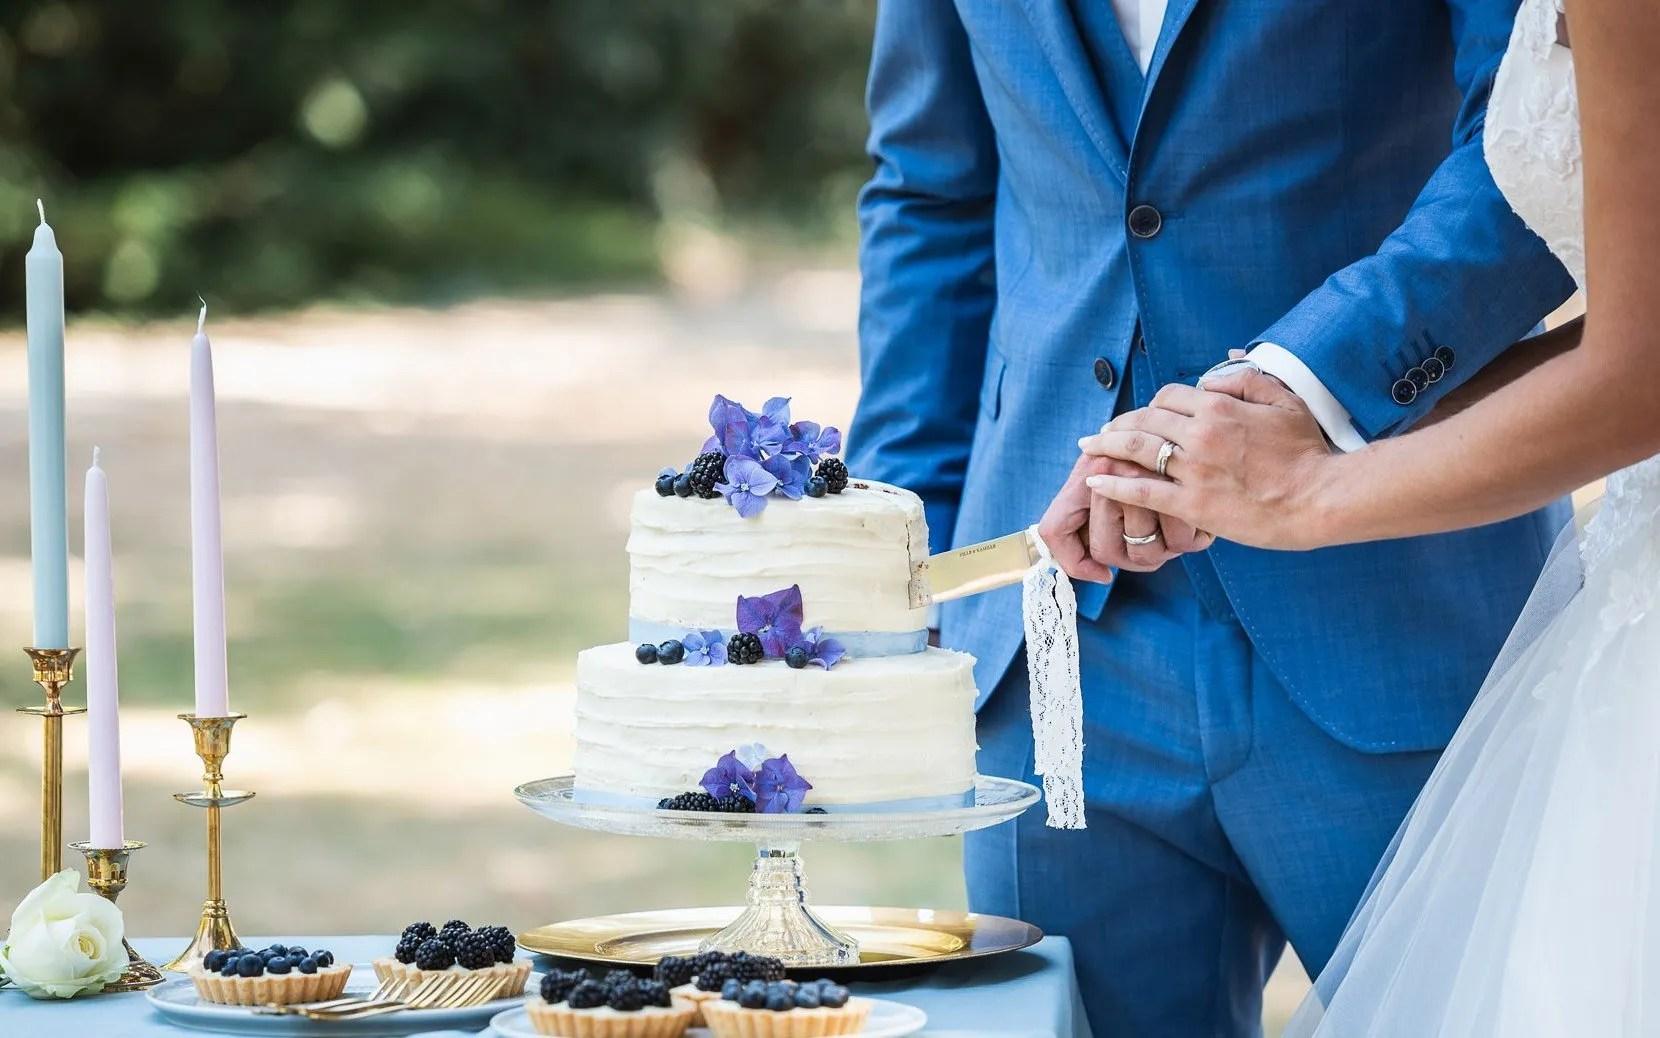 ceremoniemeester taart aansnijden inhuren